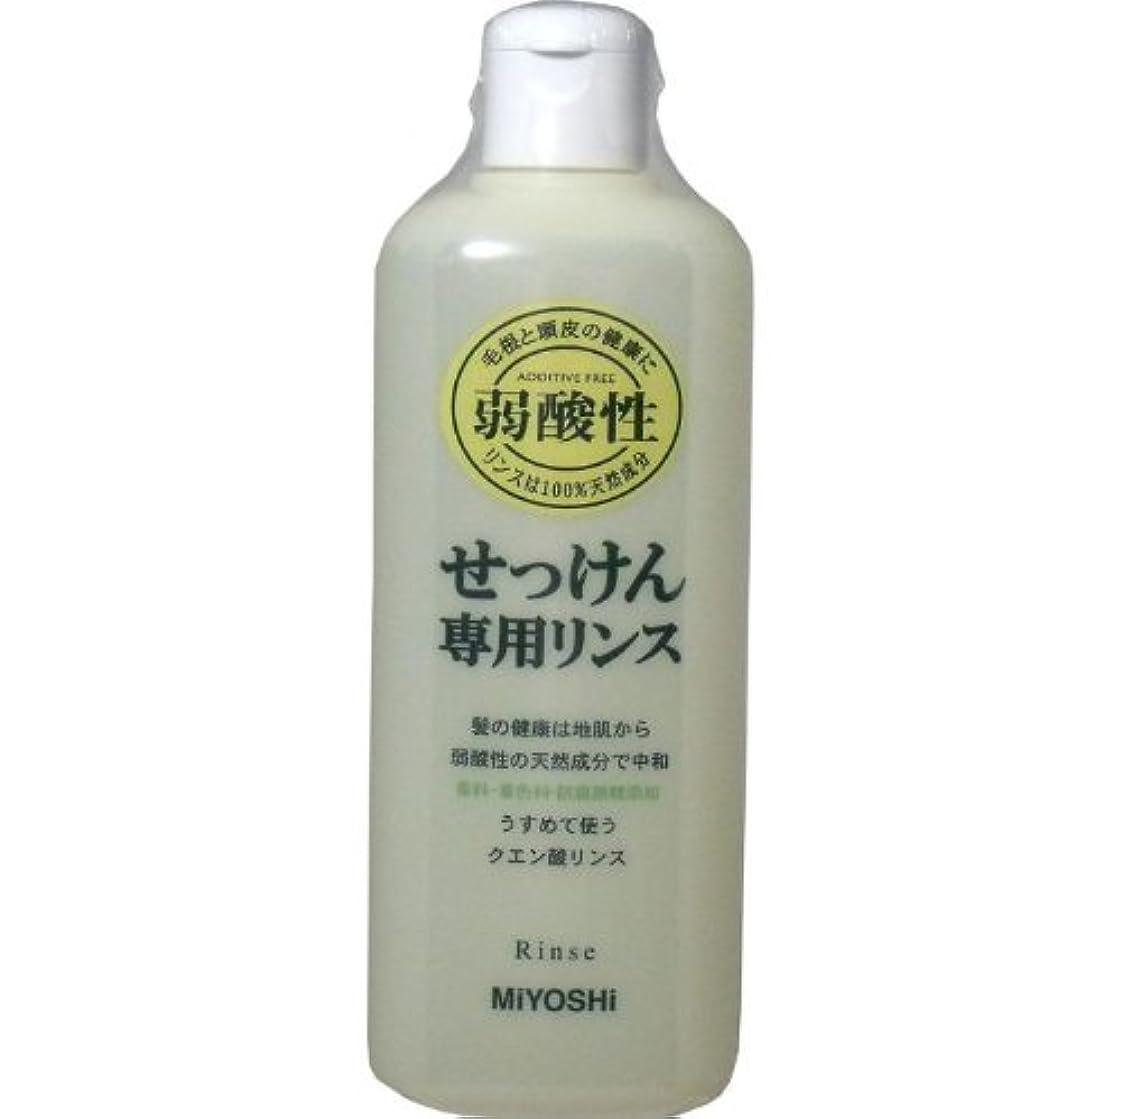 艶革命的宗教髪の健康は地肌から、弱酸性の天然成分で中和!!香料、防腐剤、着色料無添加!うすめて使うクエン酸リンス!リンス 350mL【4個セット】